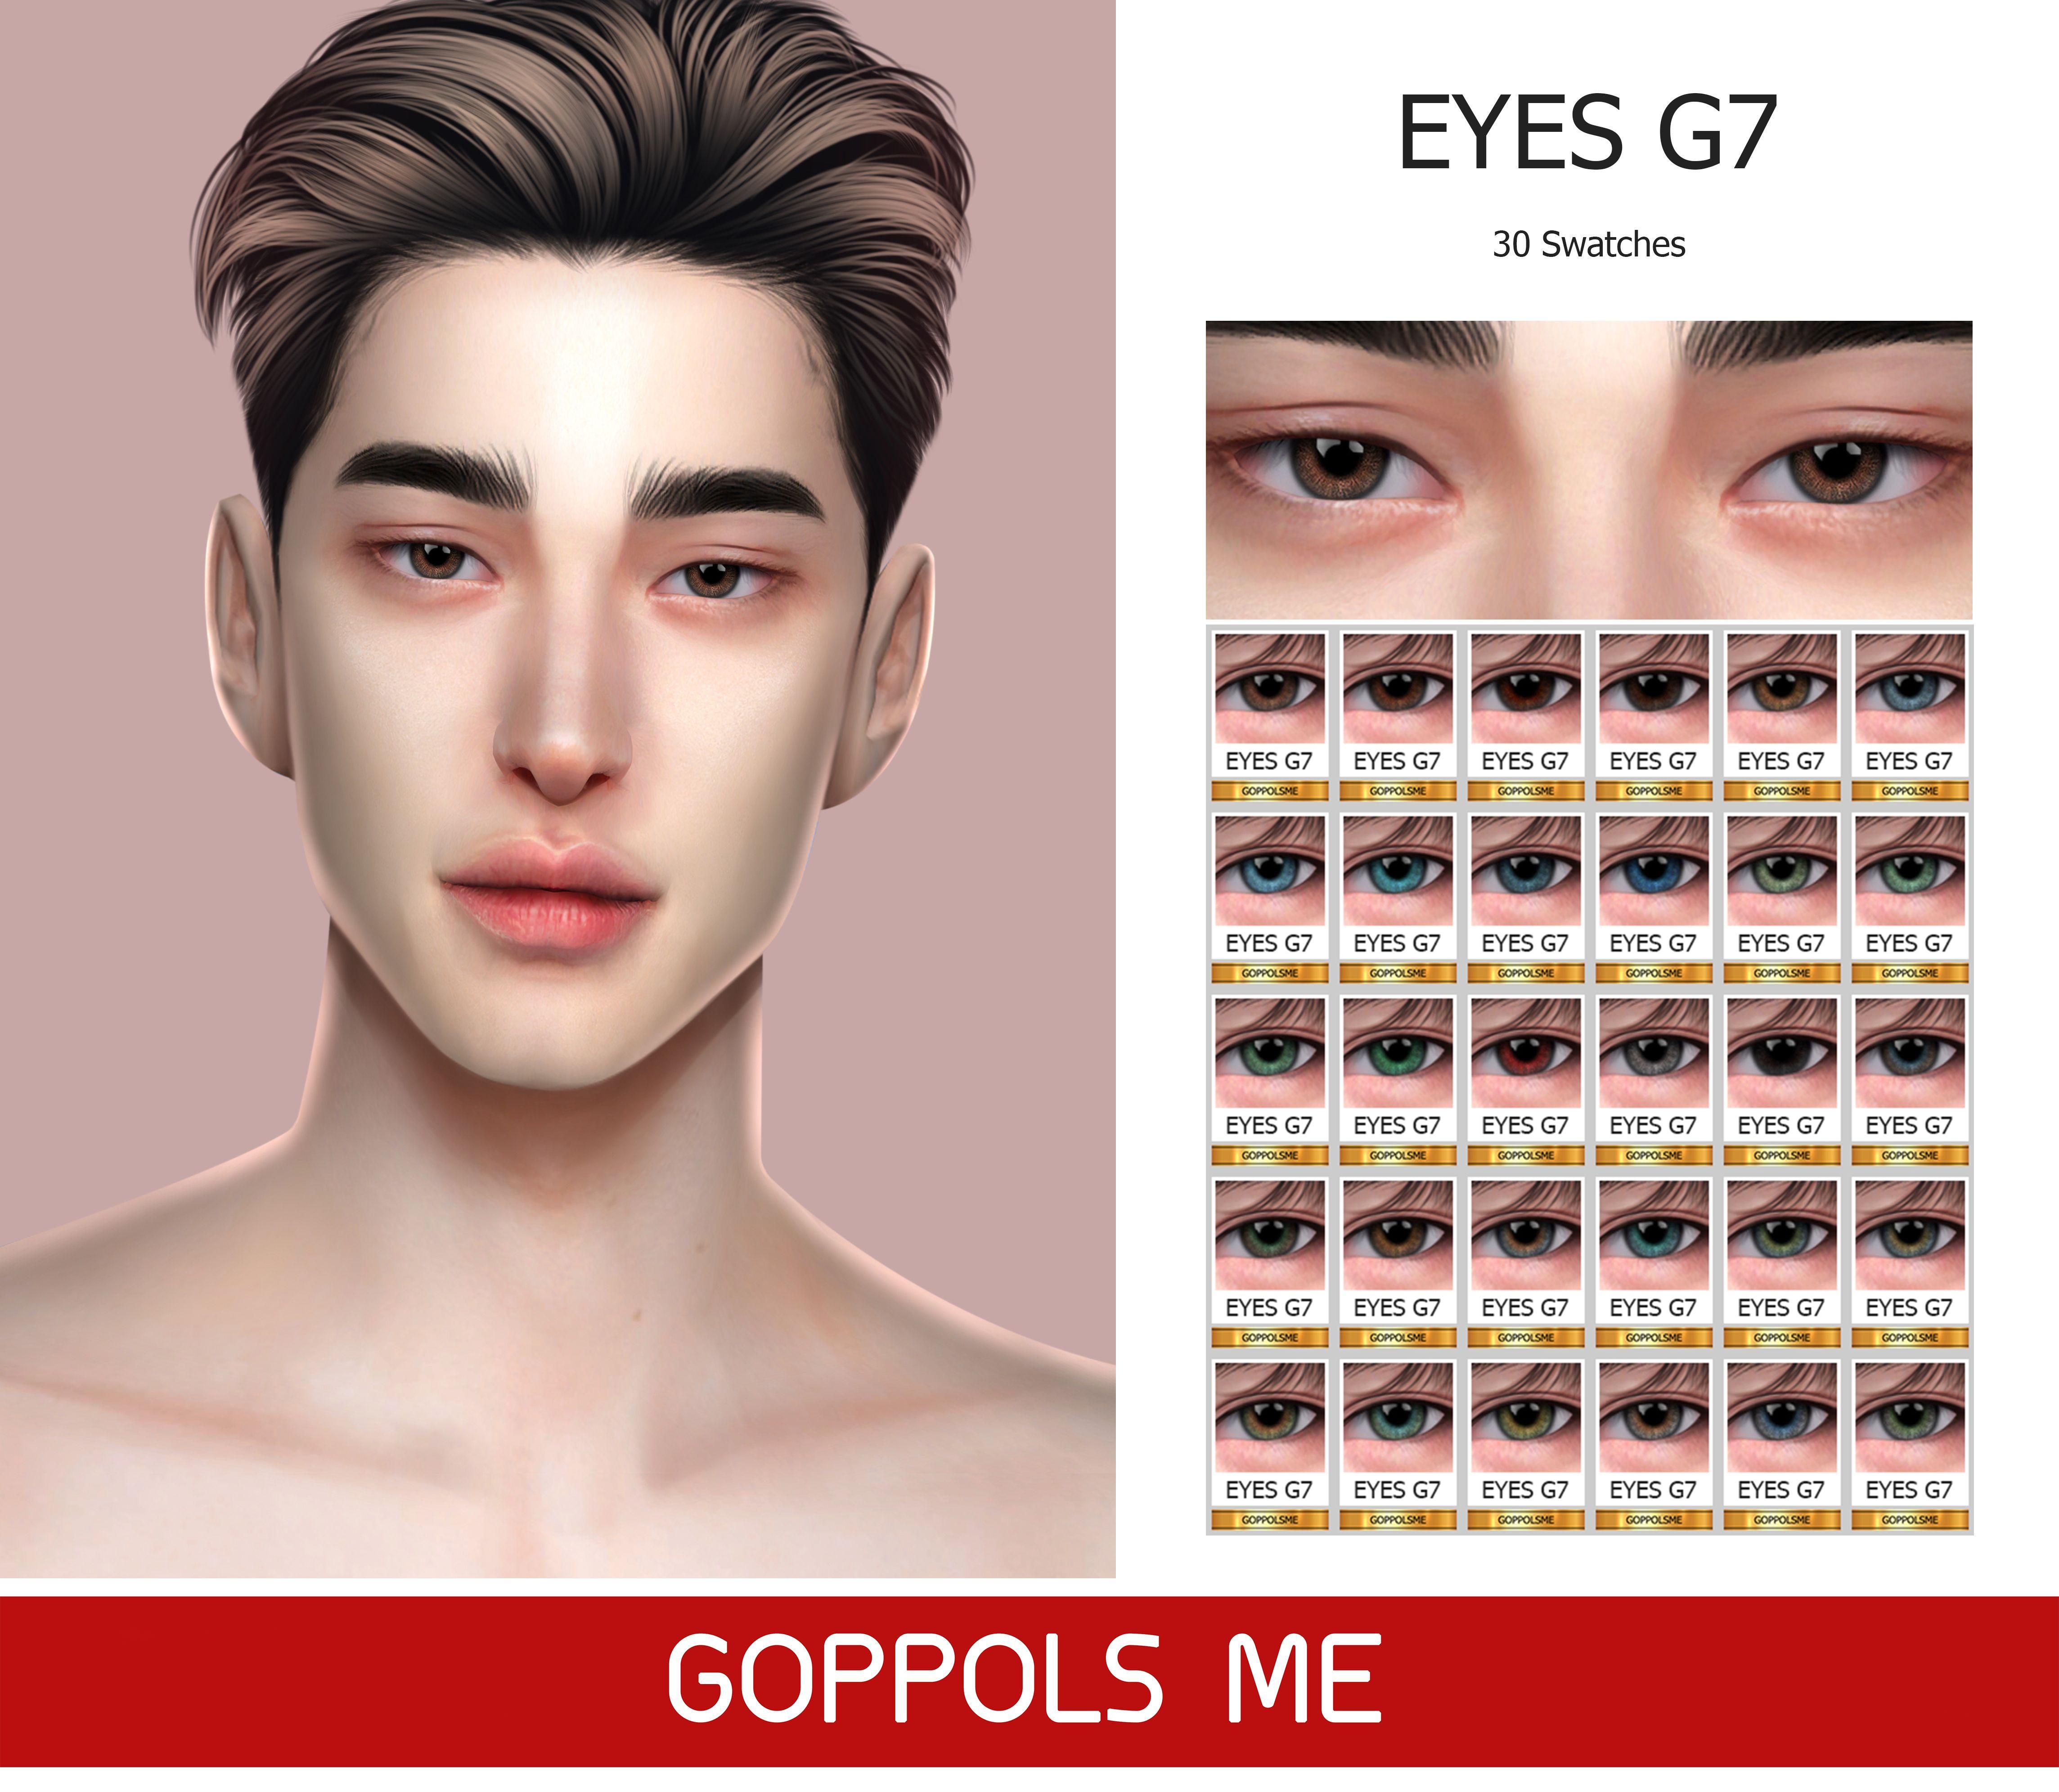 GPME-GOLD Eyes G7